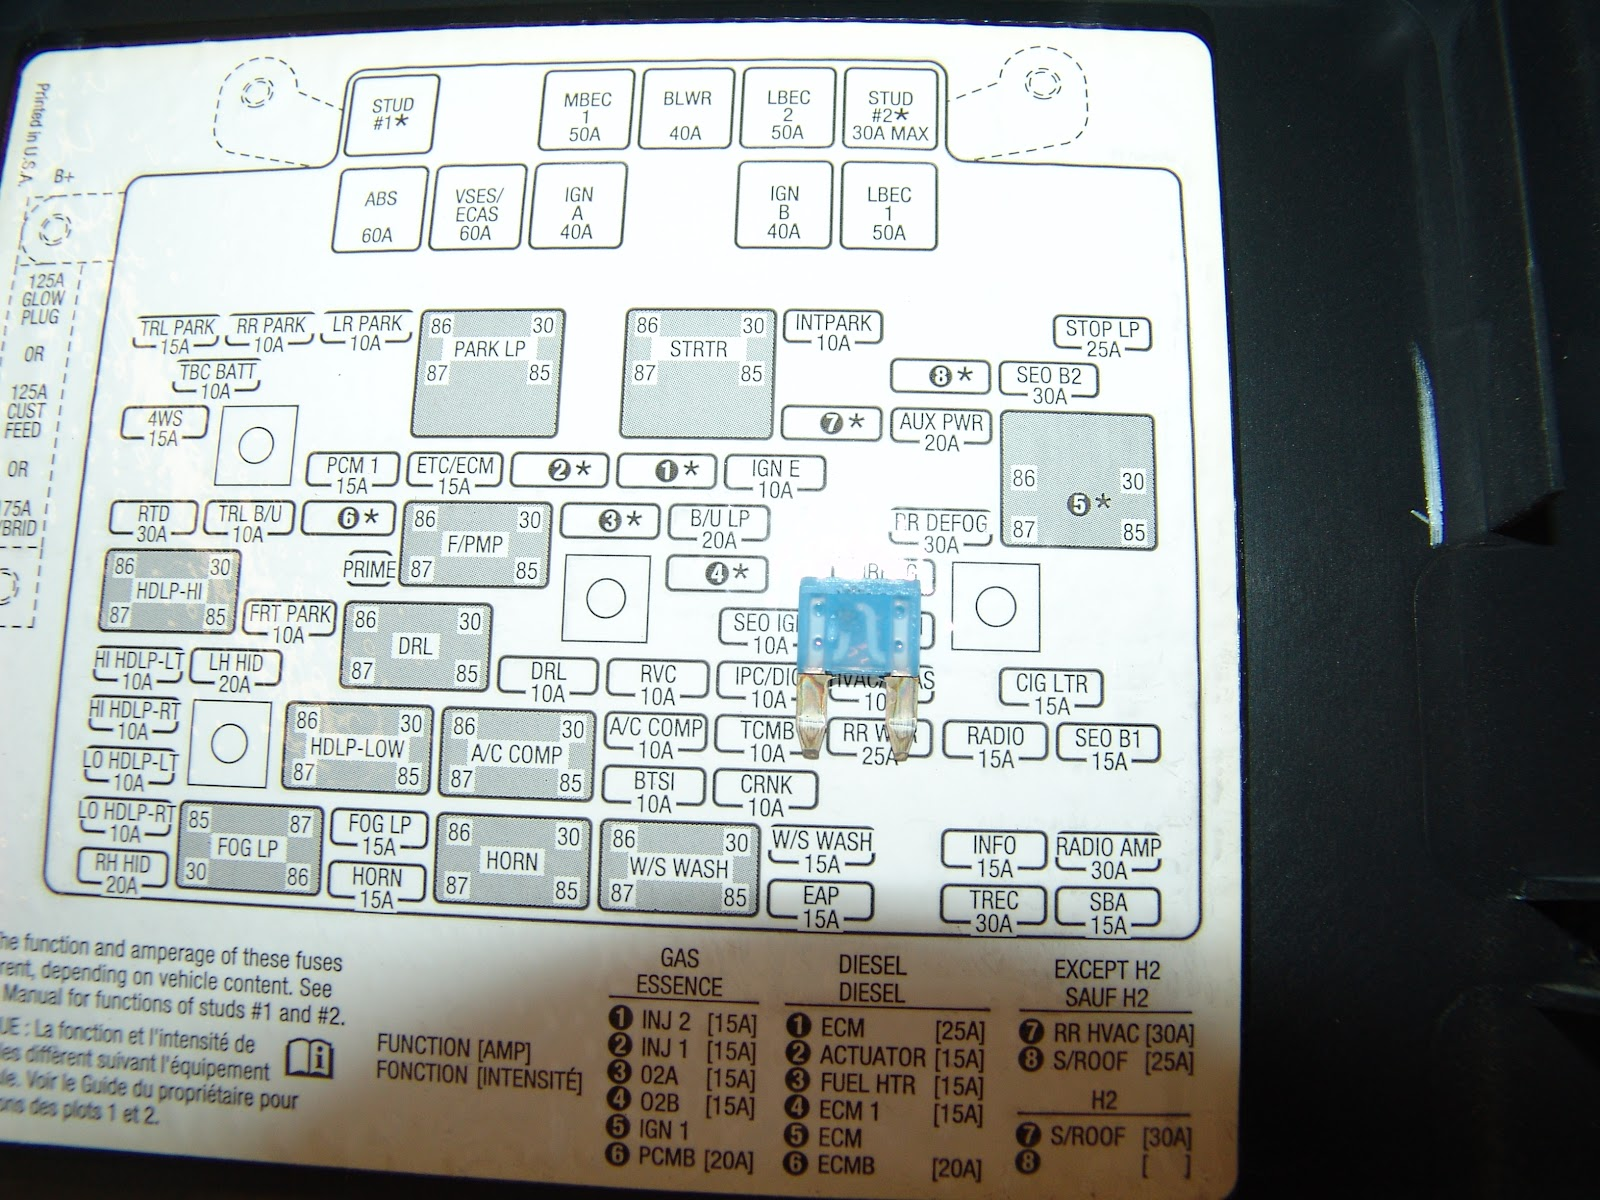 freightliner wiring diagram mirror freightliner automotive dsc05373 freightliner wiring diagram mirror 05373